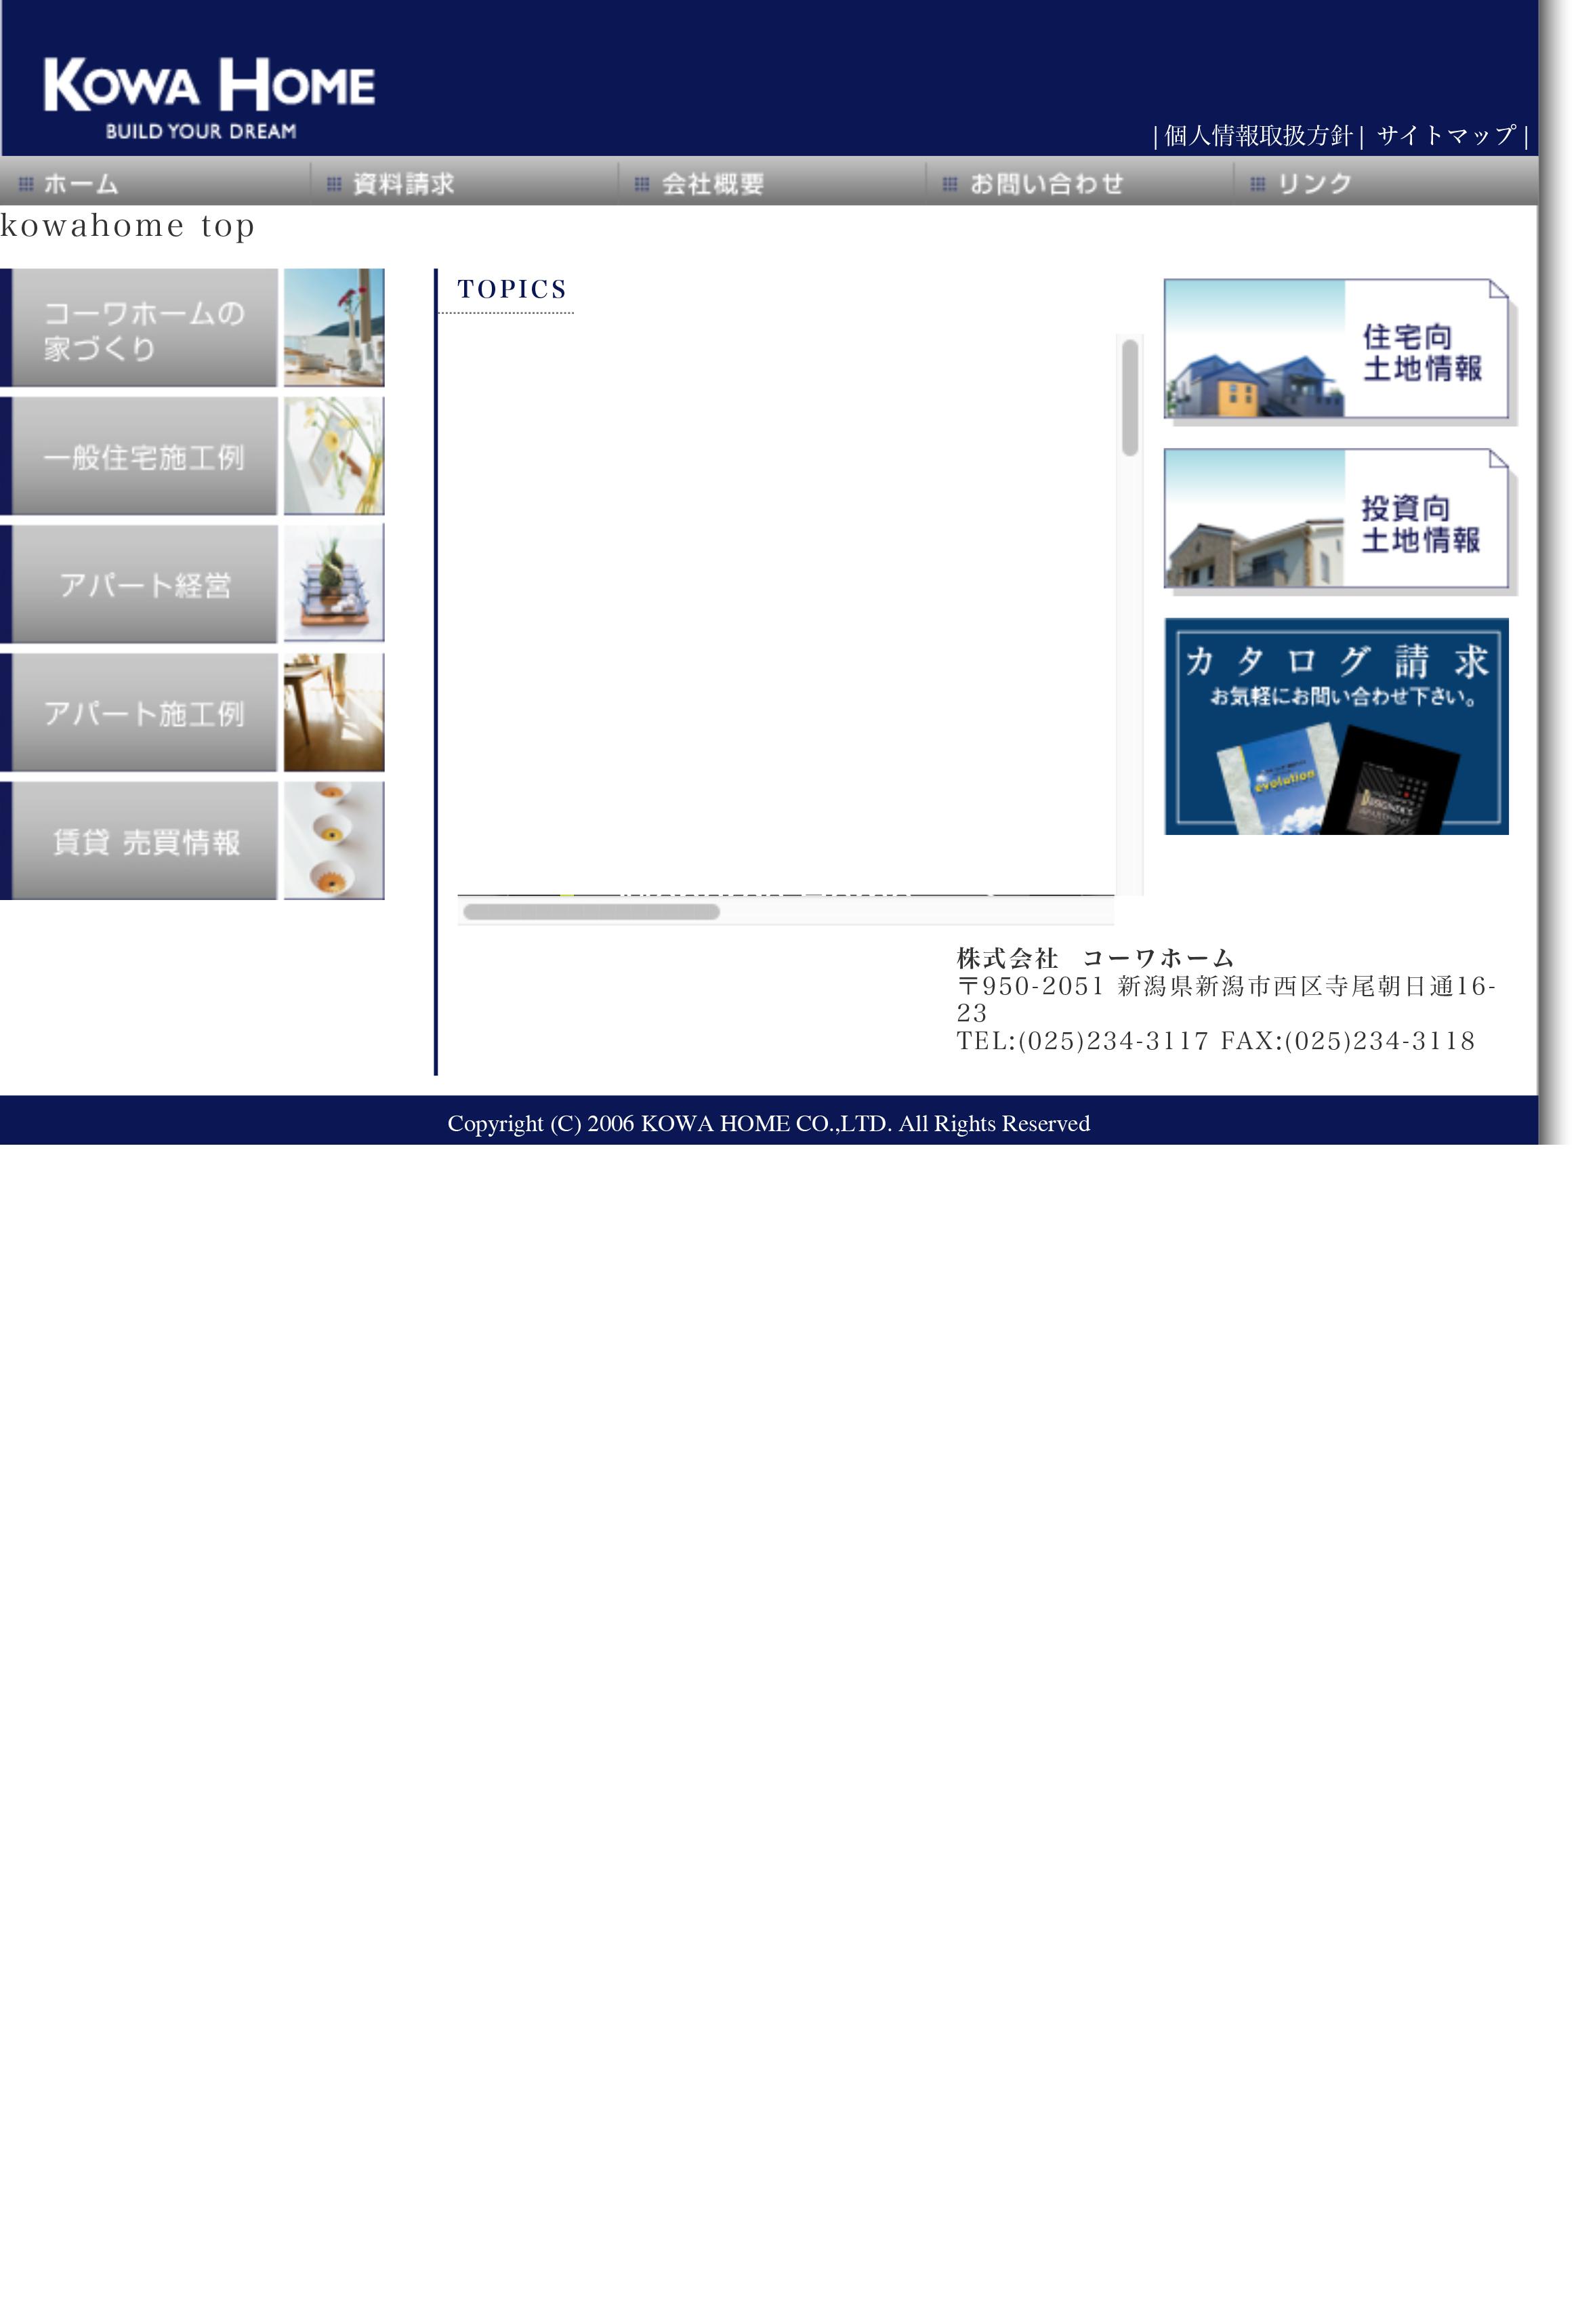 株式会社コーワホーム 様リニューアル